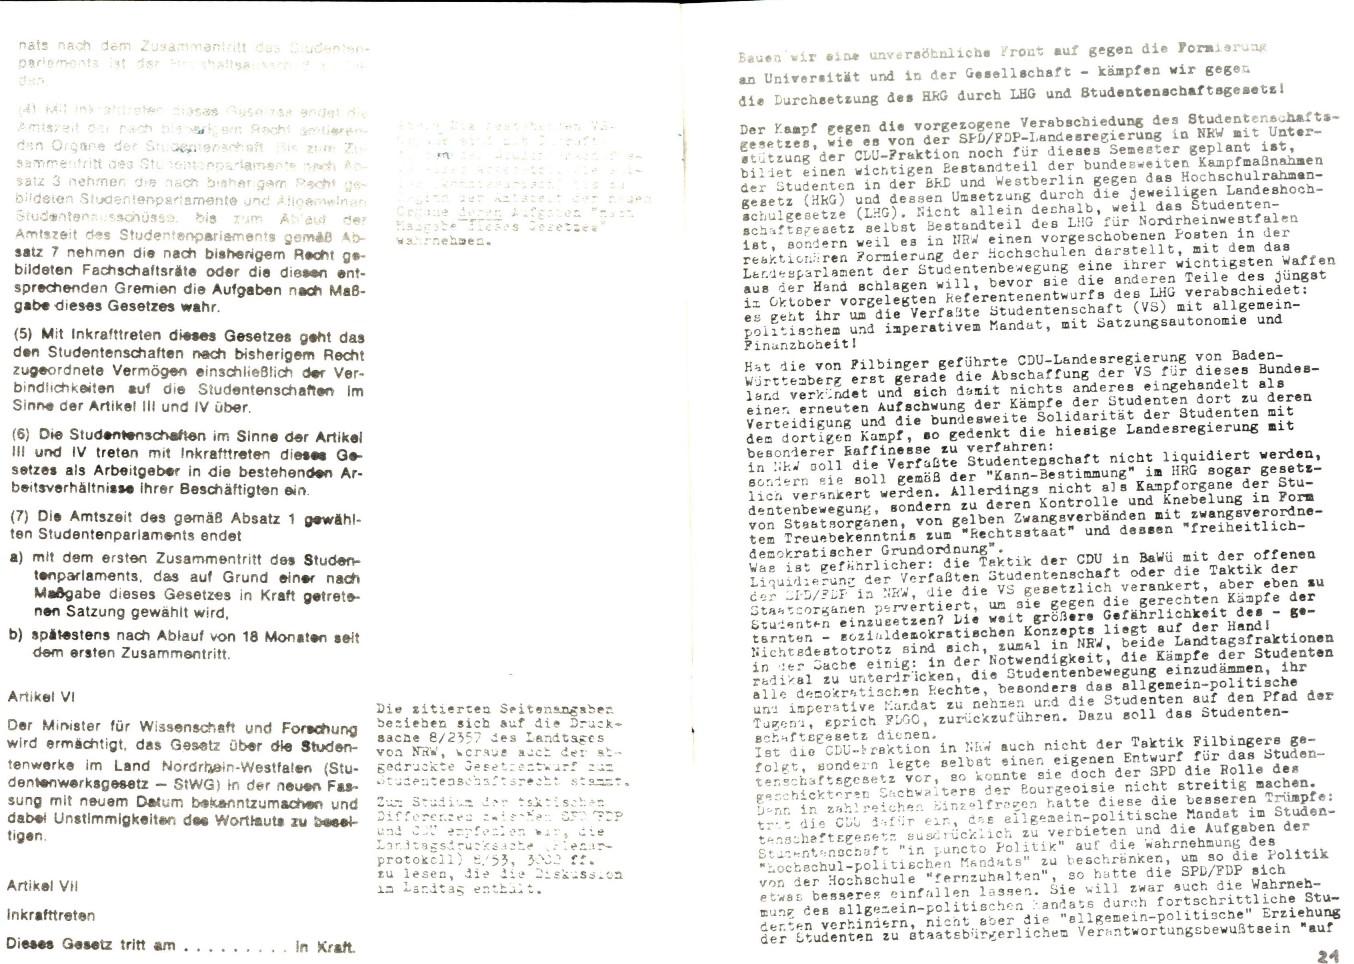 NRW_KSV_1977_Studentenschaftsgesetz_11